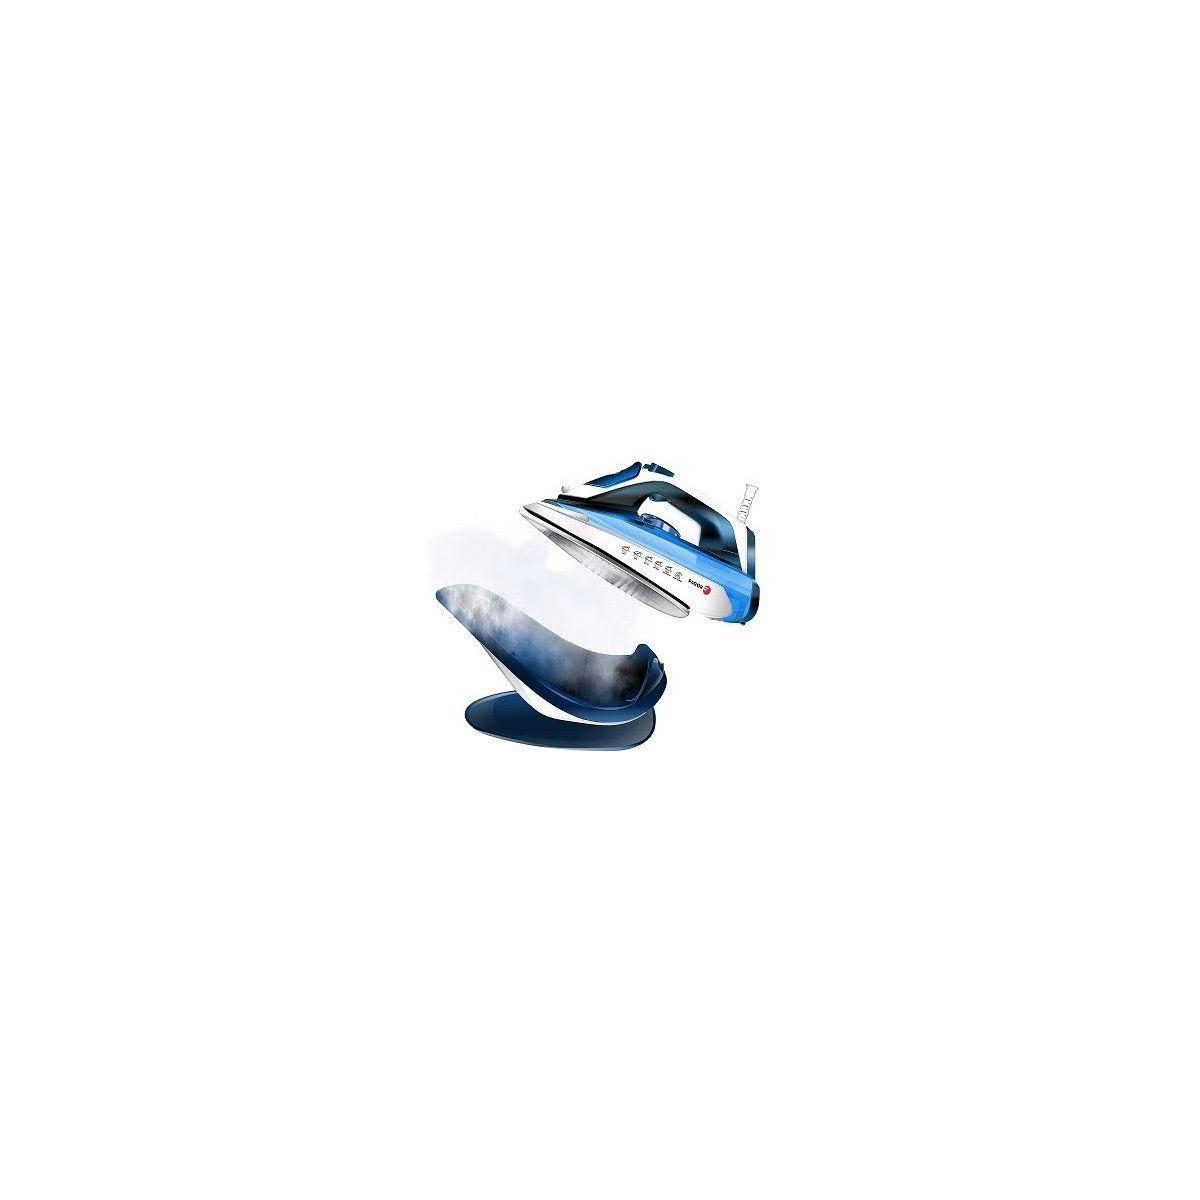 Fer fagor sans fil fg202 bleu